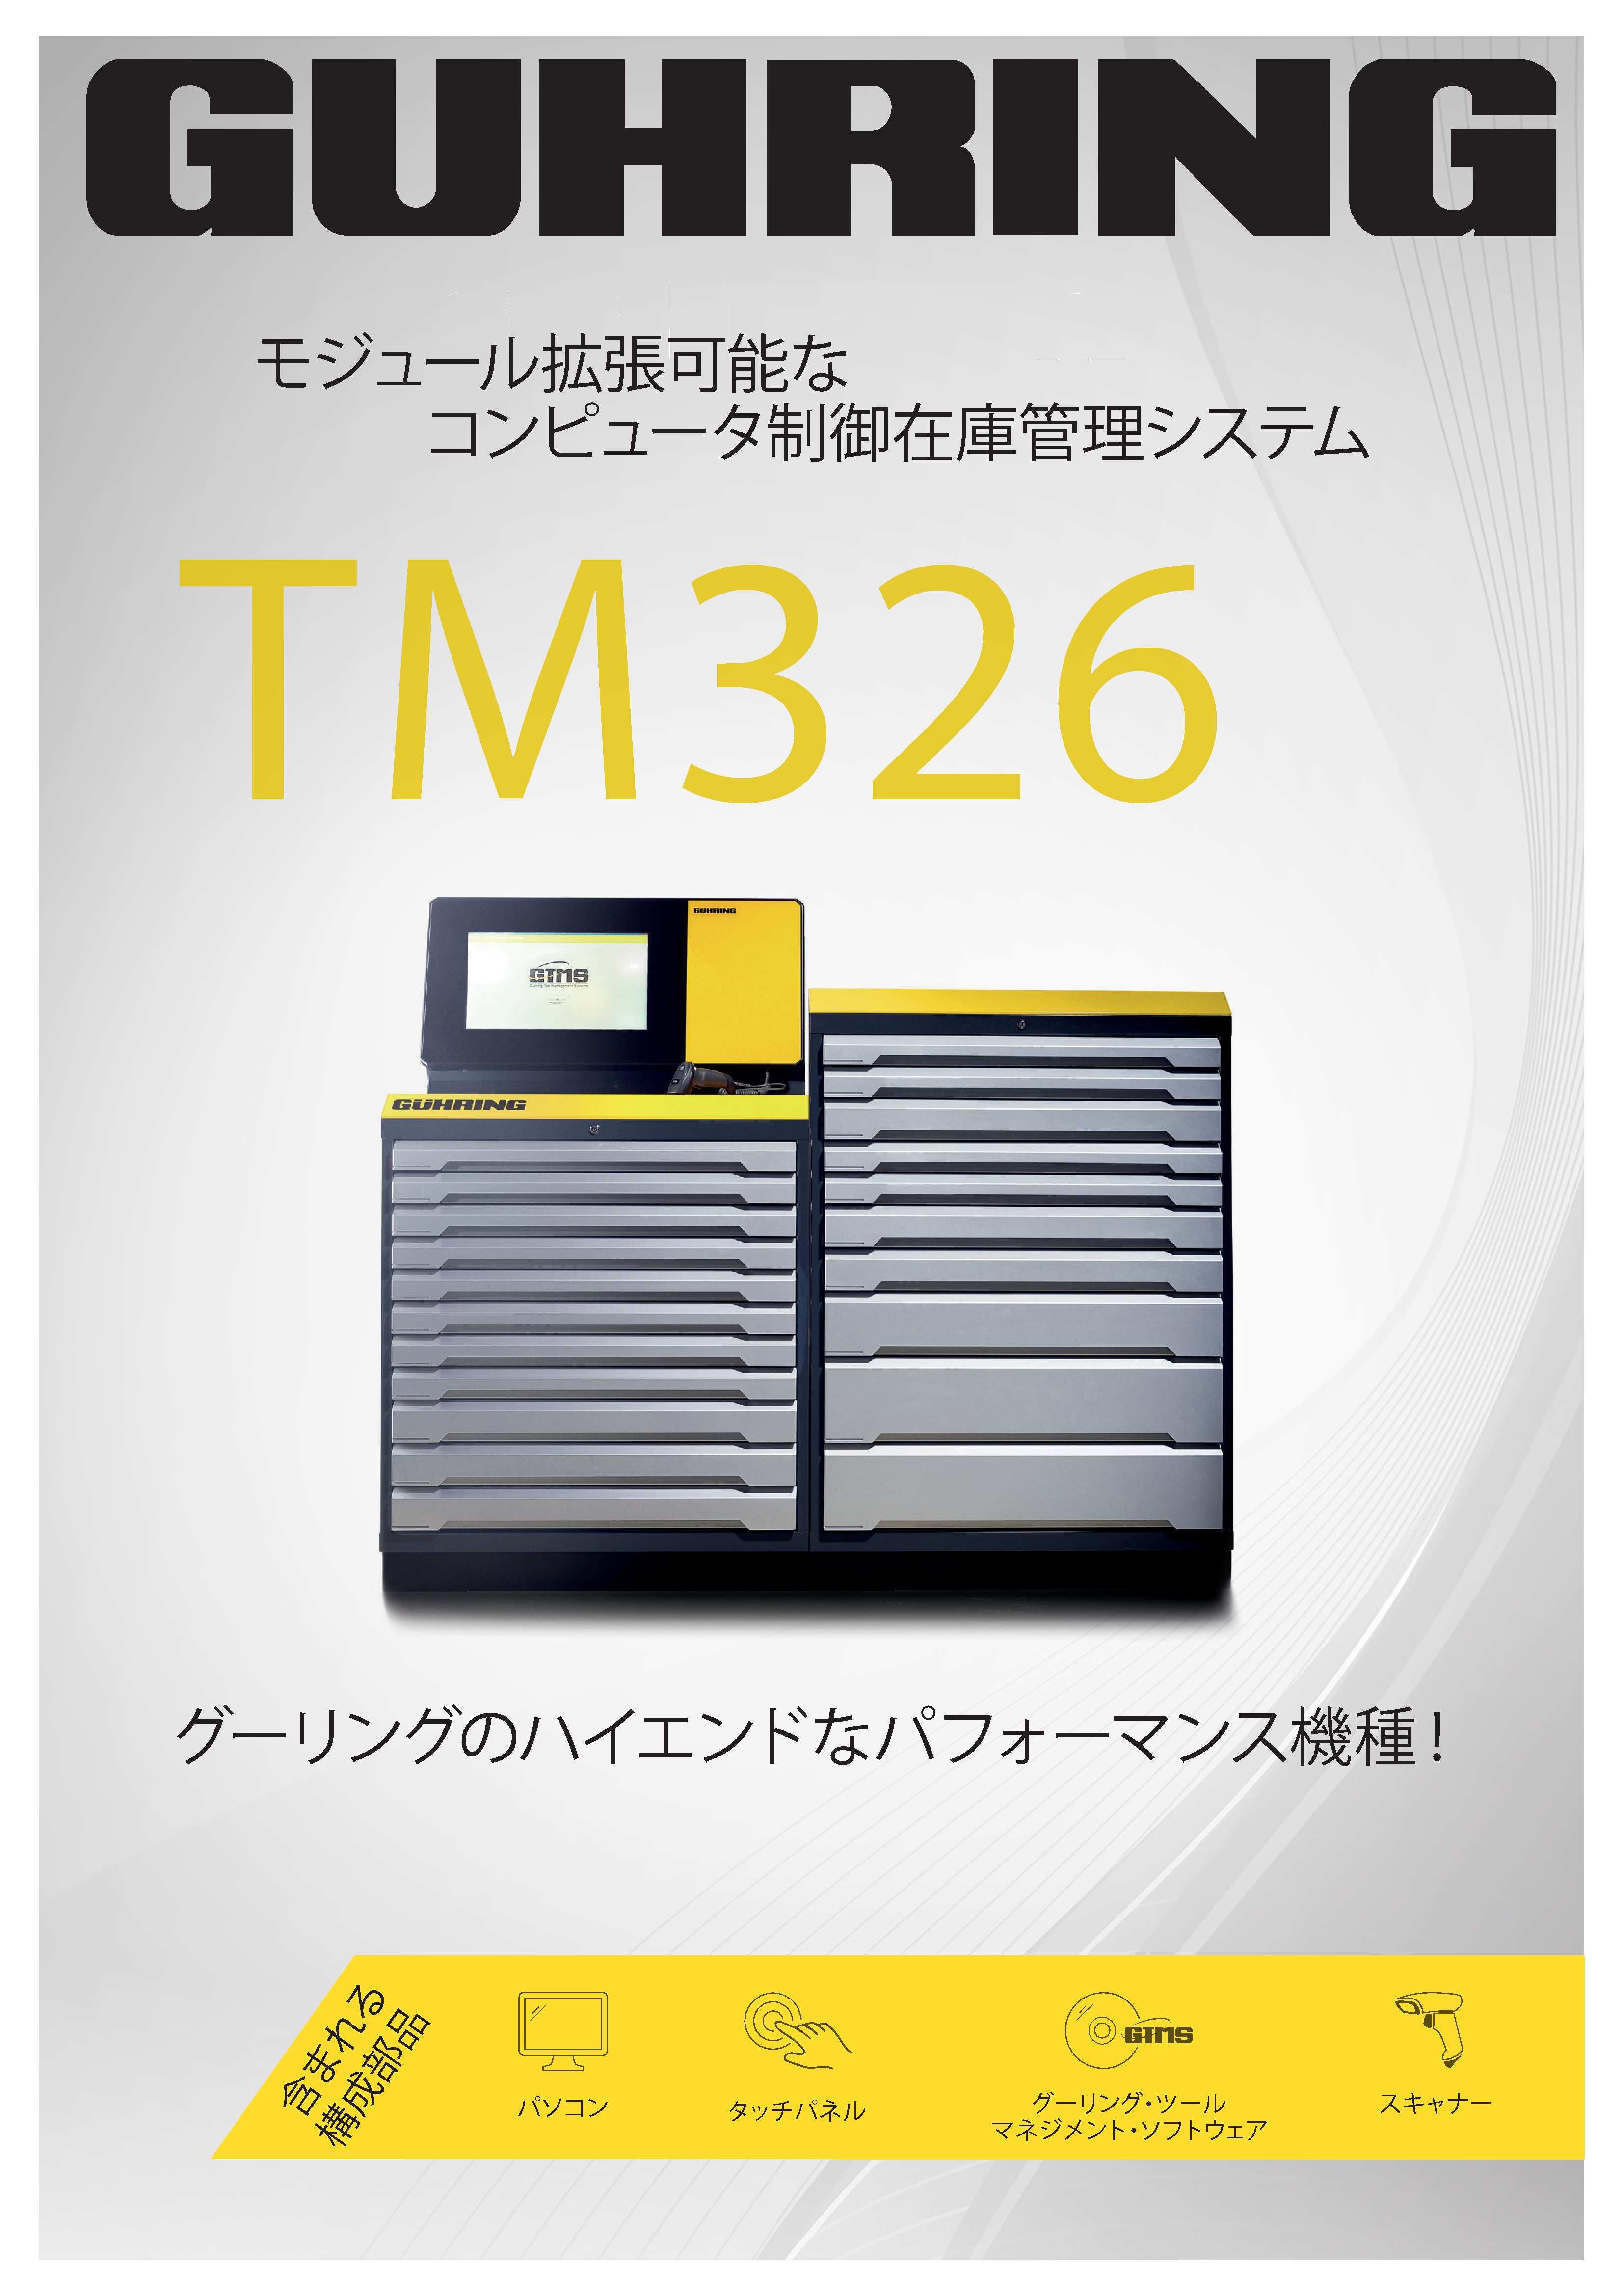 ツールマネージメントシステムTM326